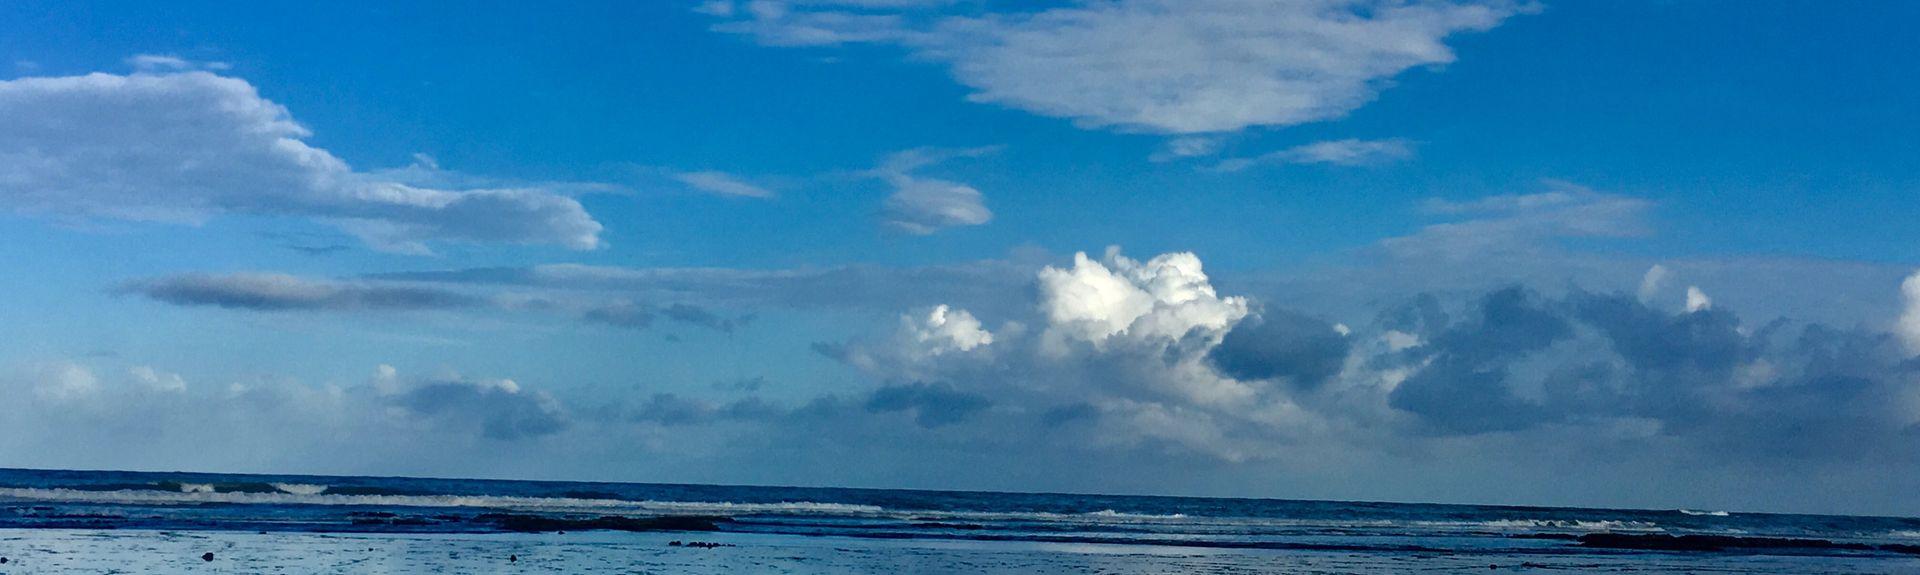 Praia de Arembepe, Camacari, Regio noordoost, Brazilië